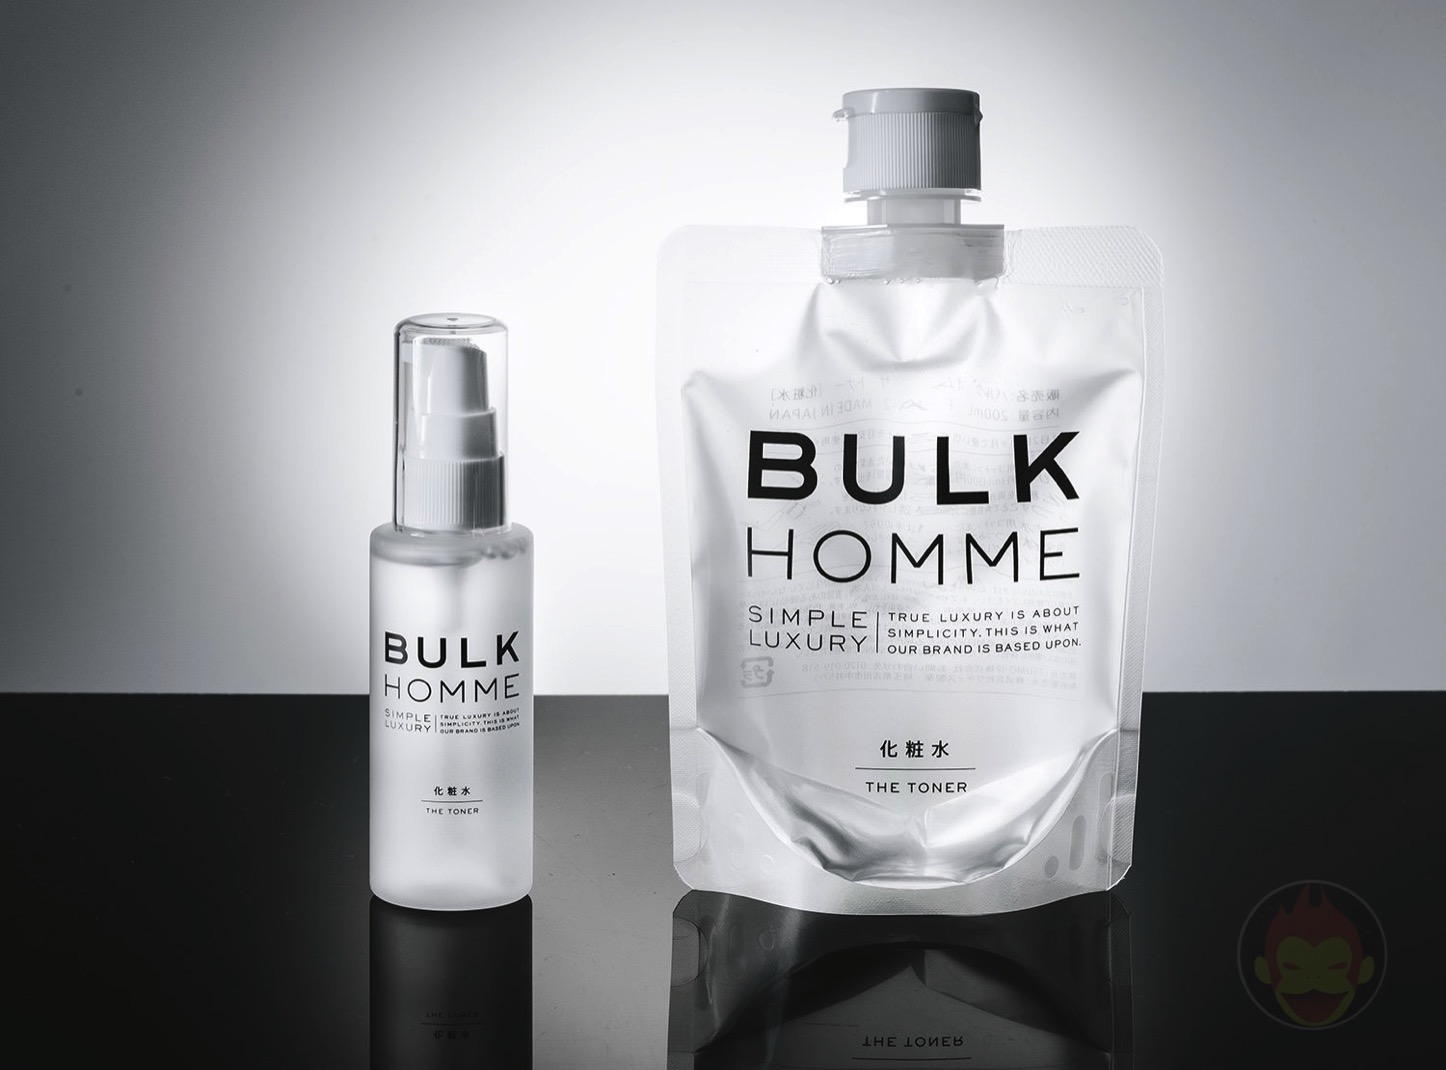 BULK-HOMME-GoriMe-04.jpg